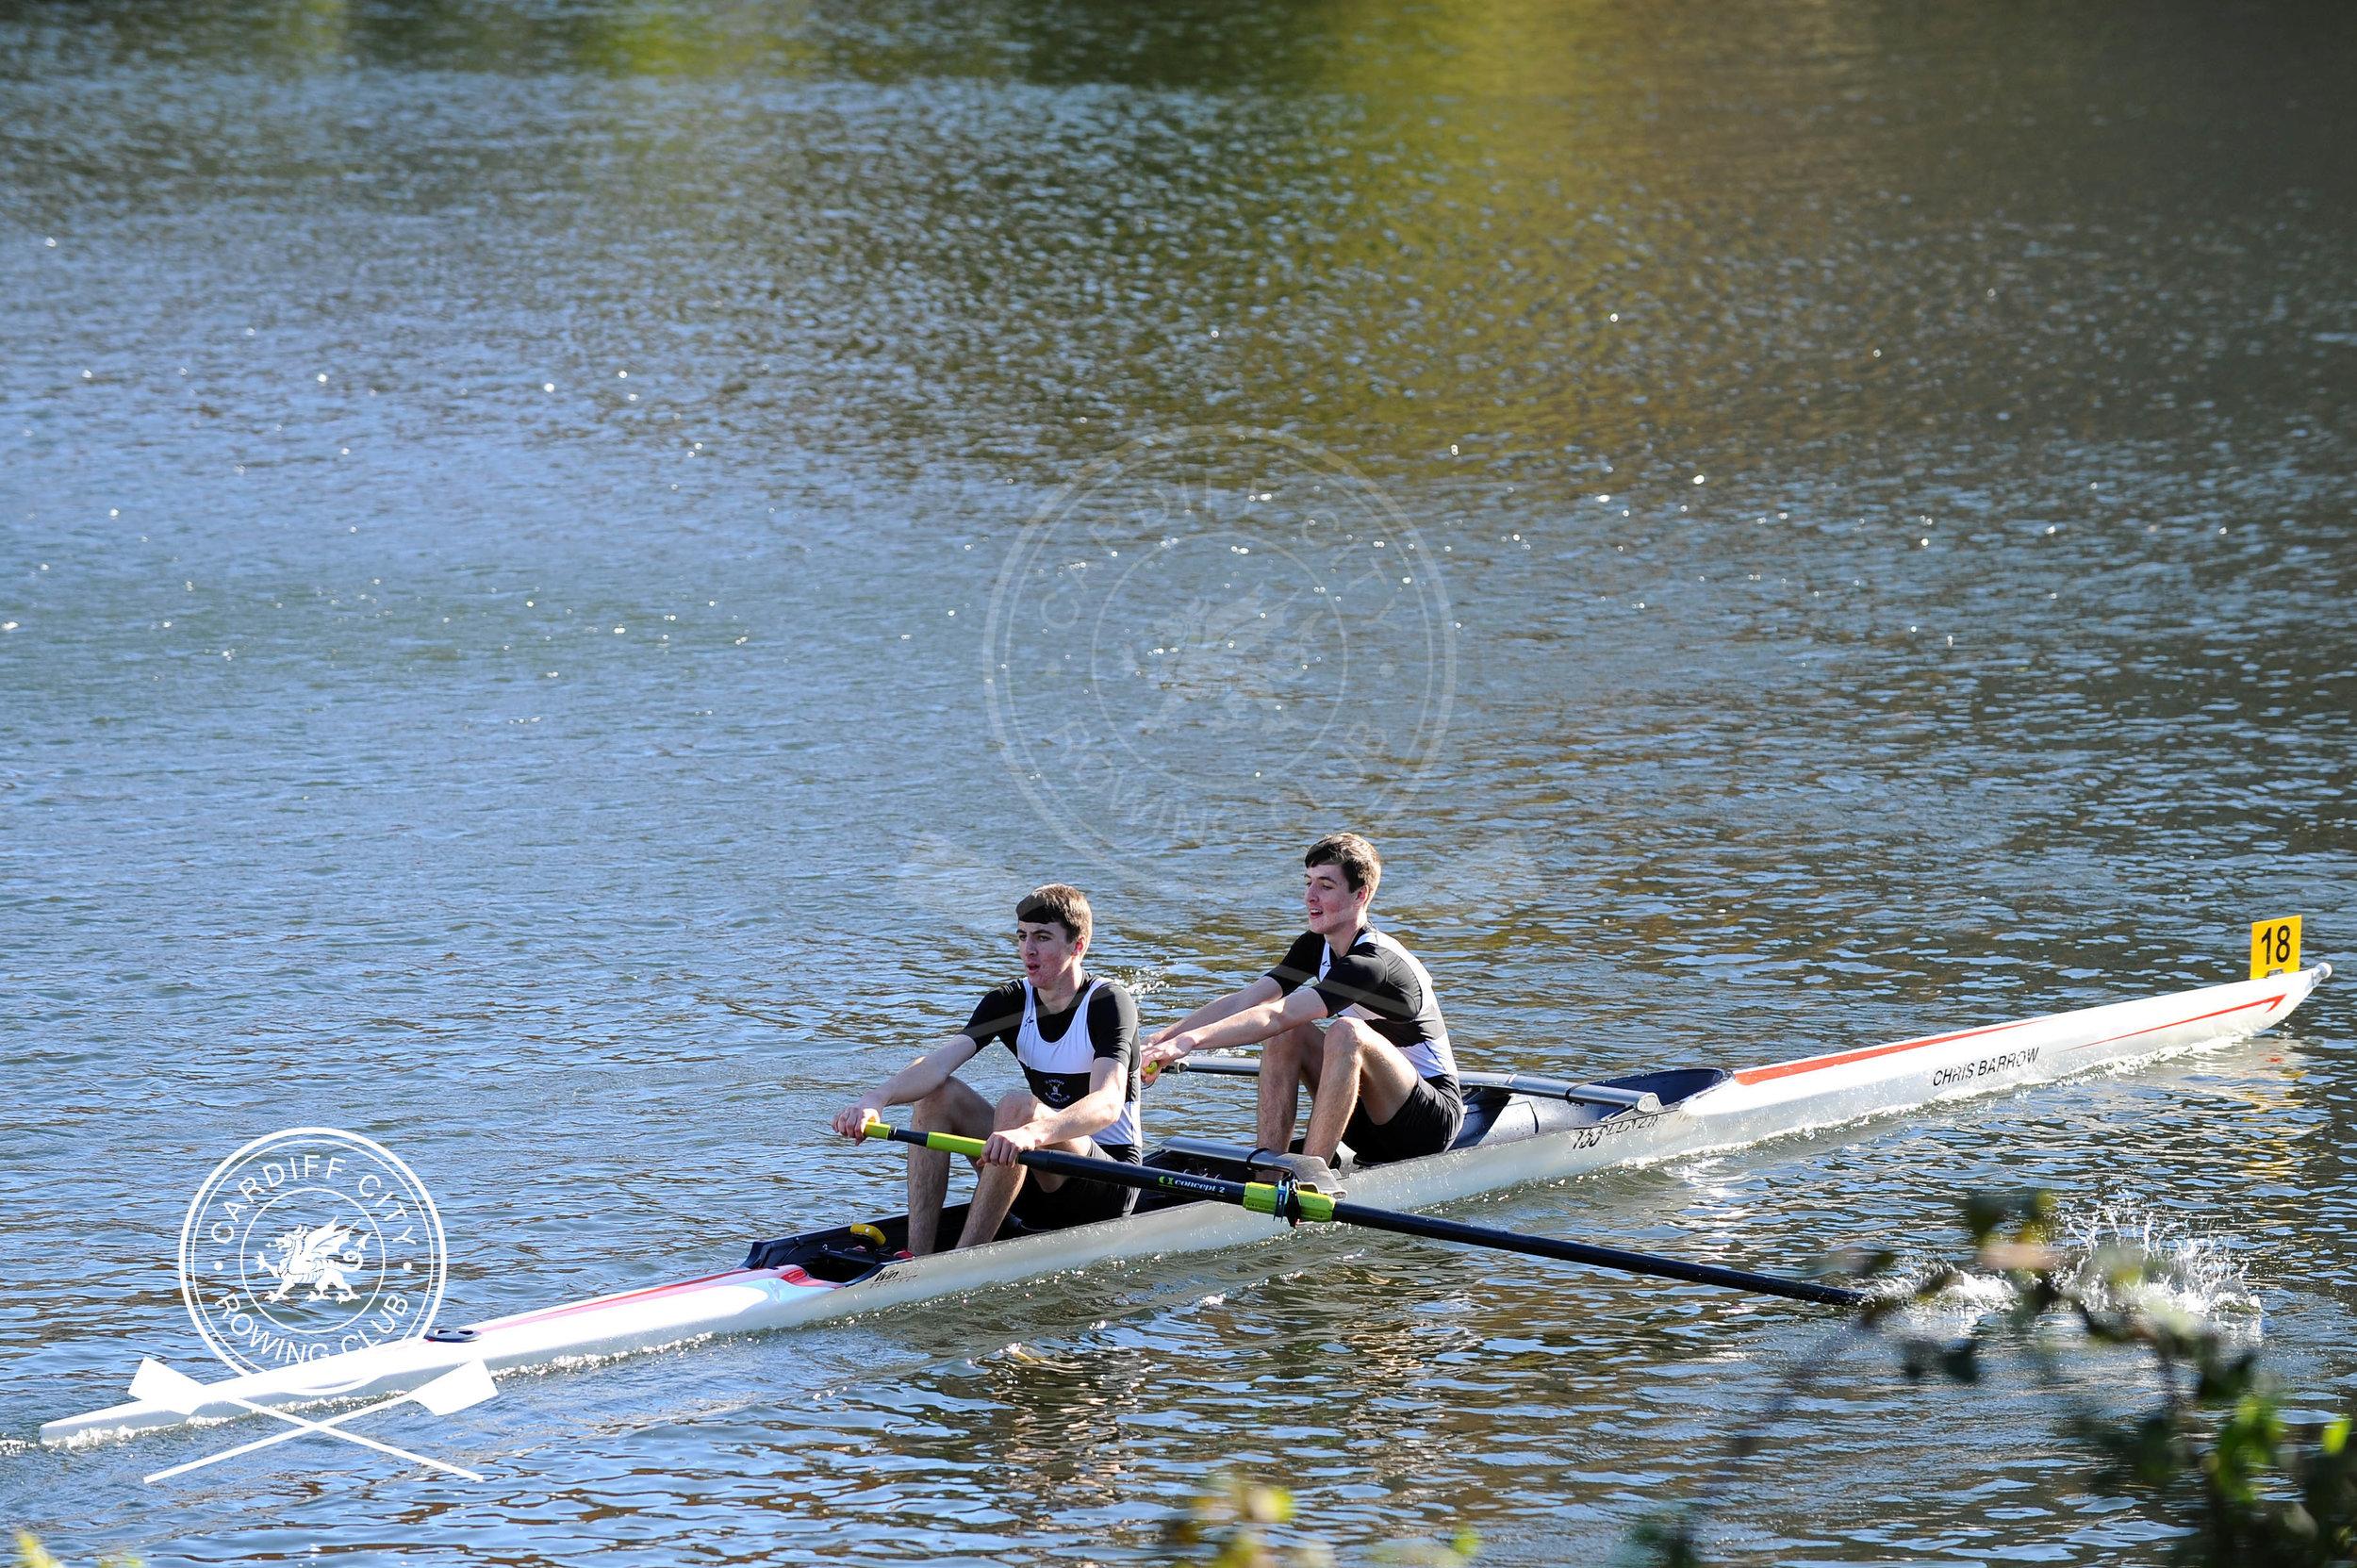 Cardiff_City_Head_Race_39.jpg